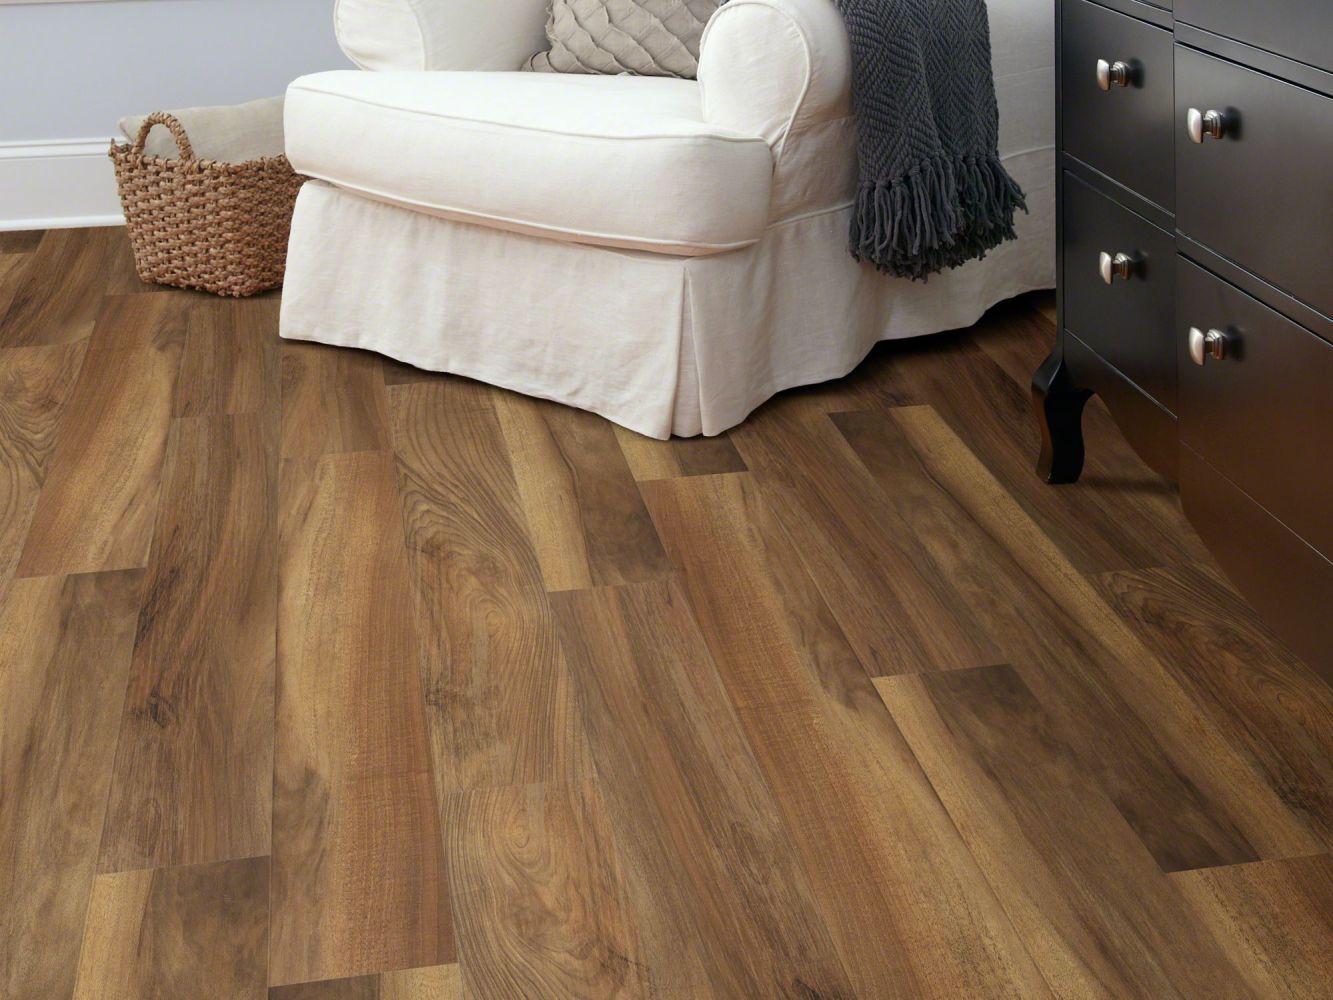 Shaw Floors Resilient Residential Endura 512g Plus Ginger Oak 00802_0802V